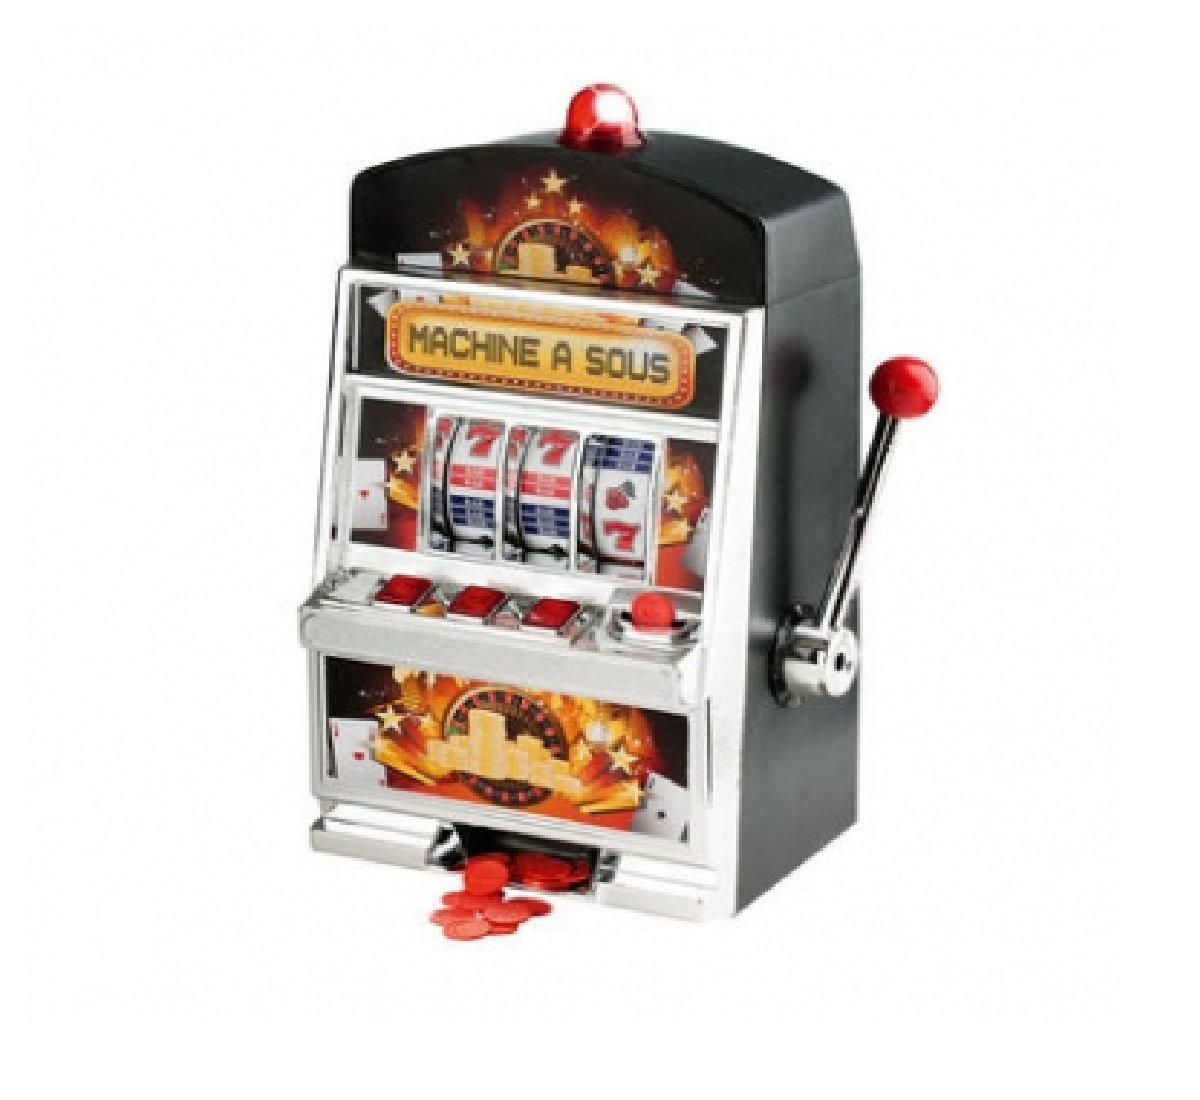 Machines a sous : un jeu pour tous les budgets